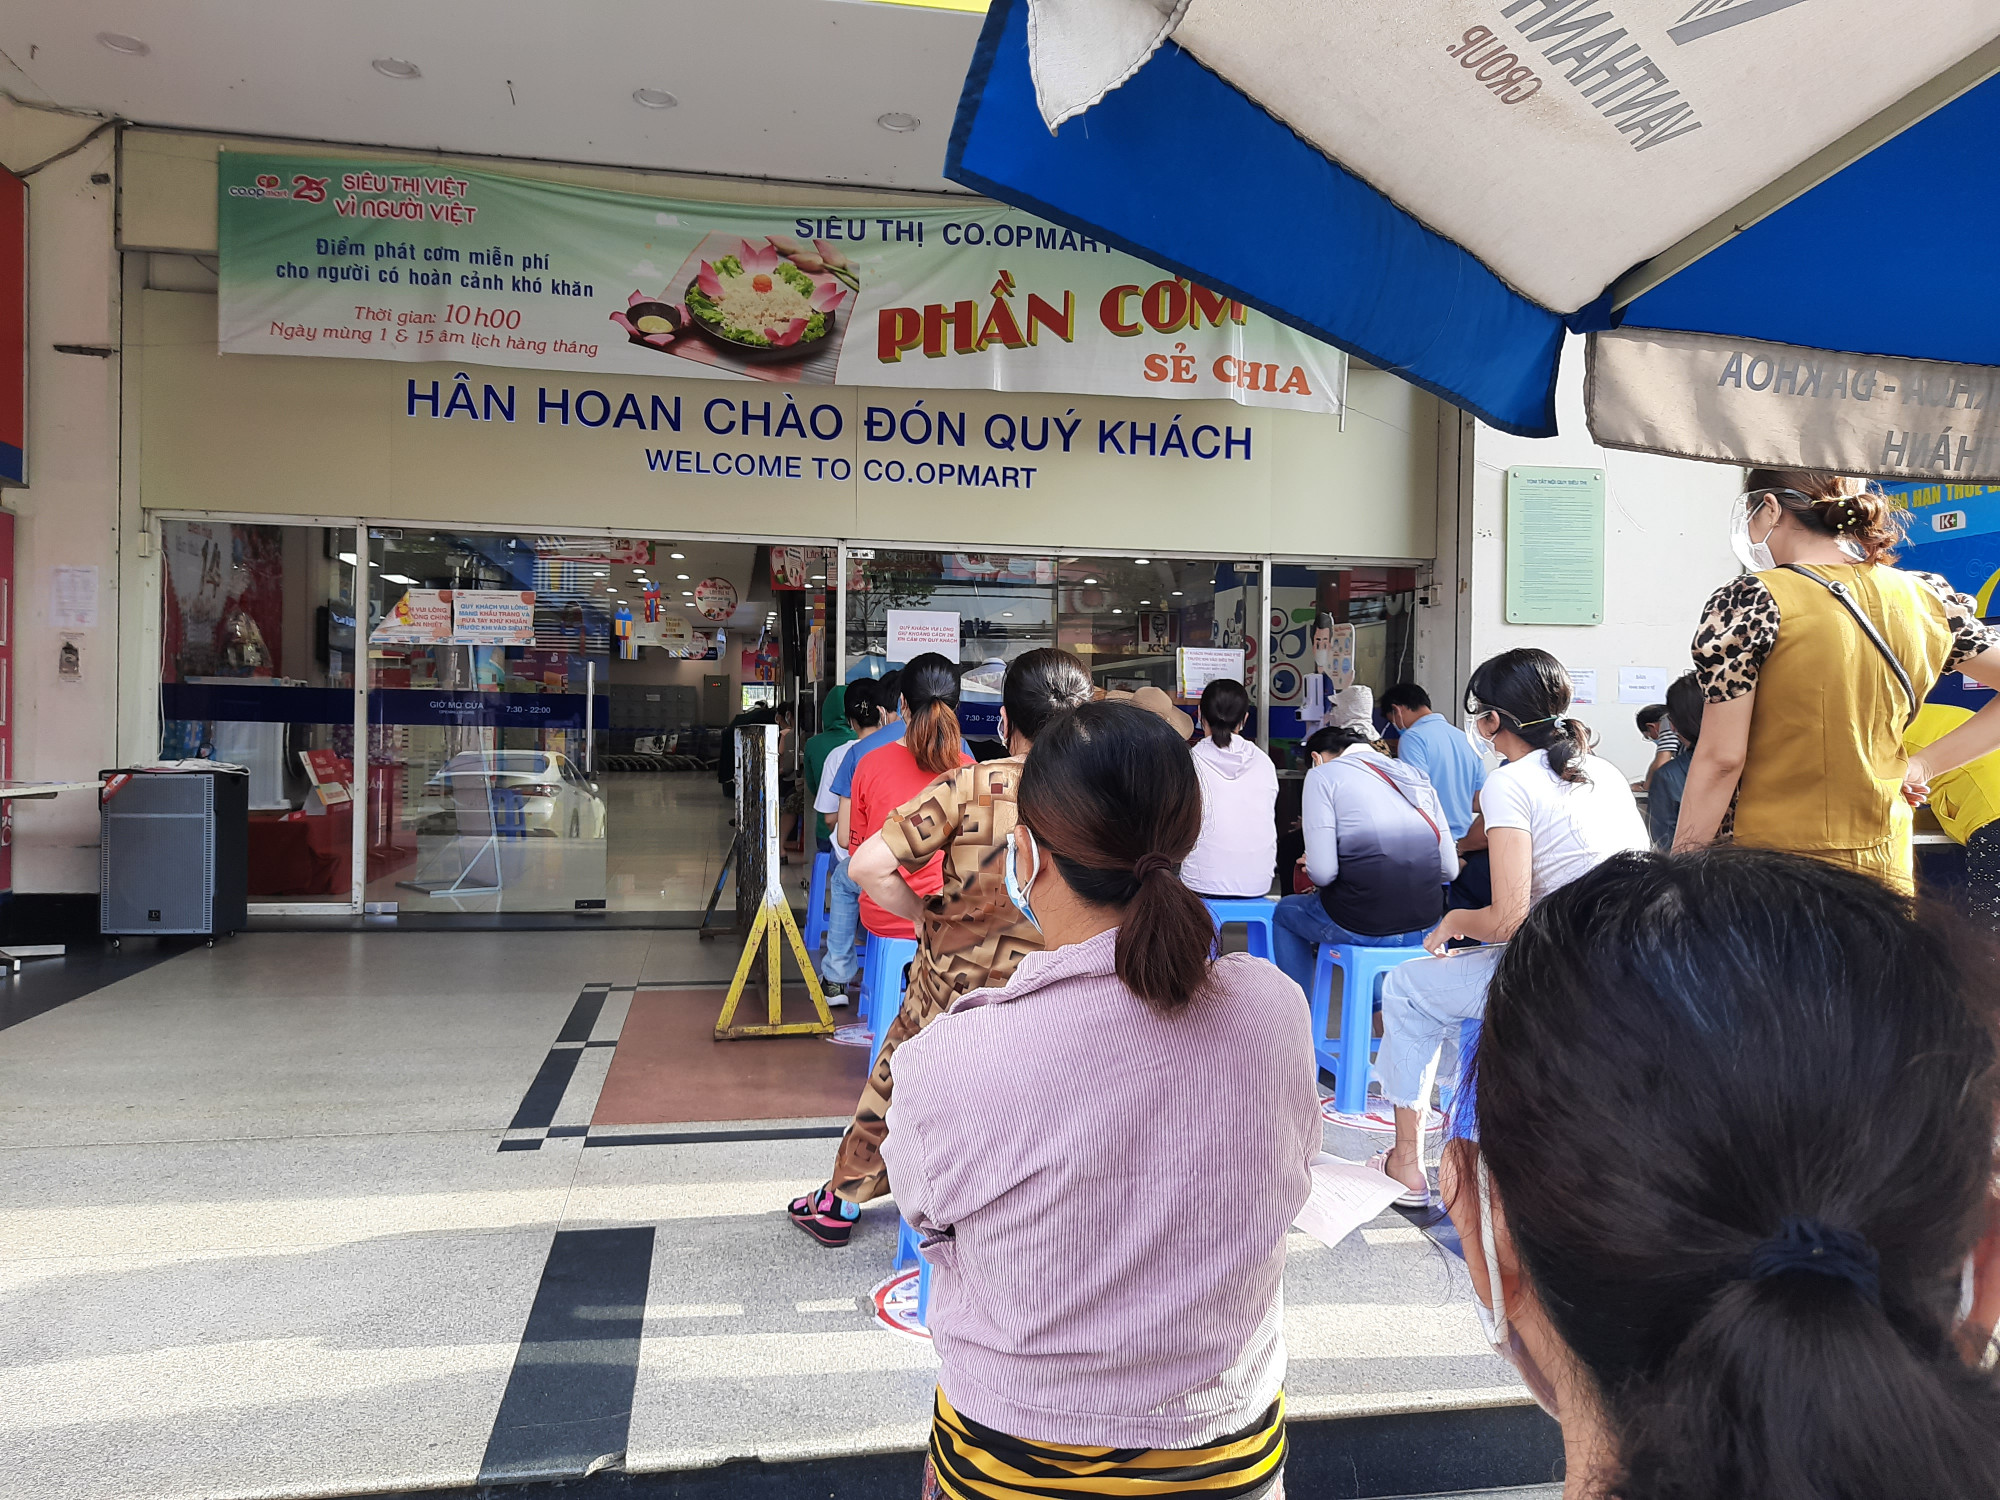 Người dân xếp hàng chờ vào siêu thị mua sắm